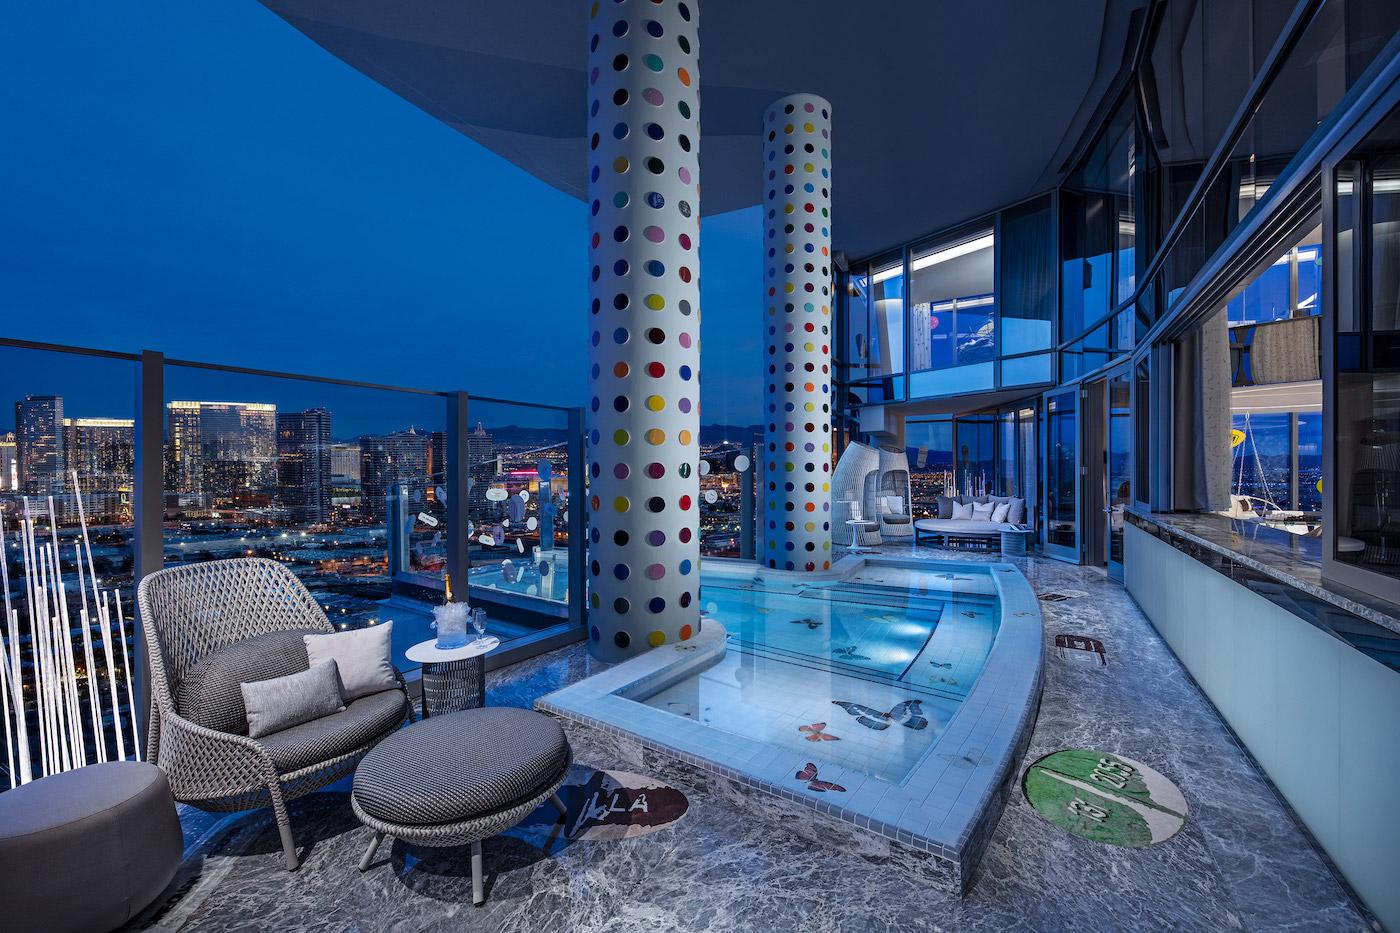 Teuerste Hotelzimmer Der Welt